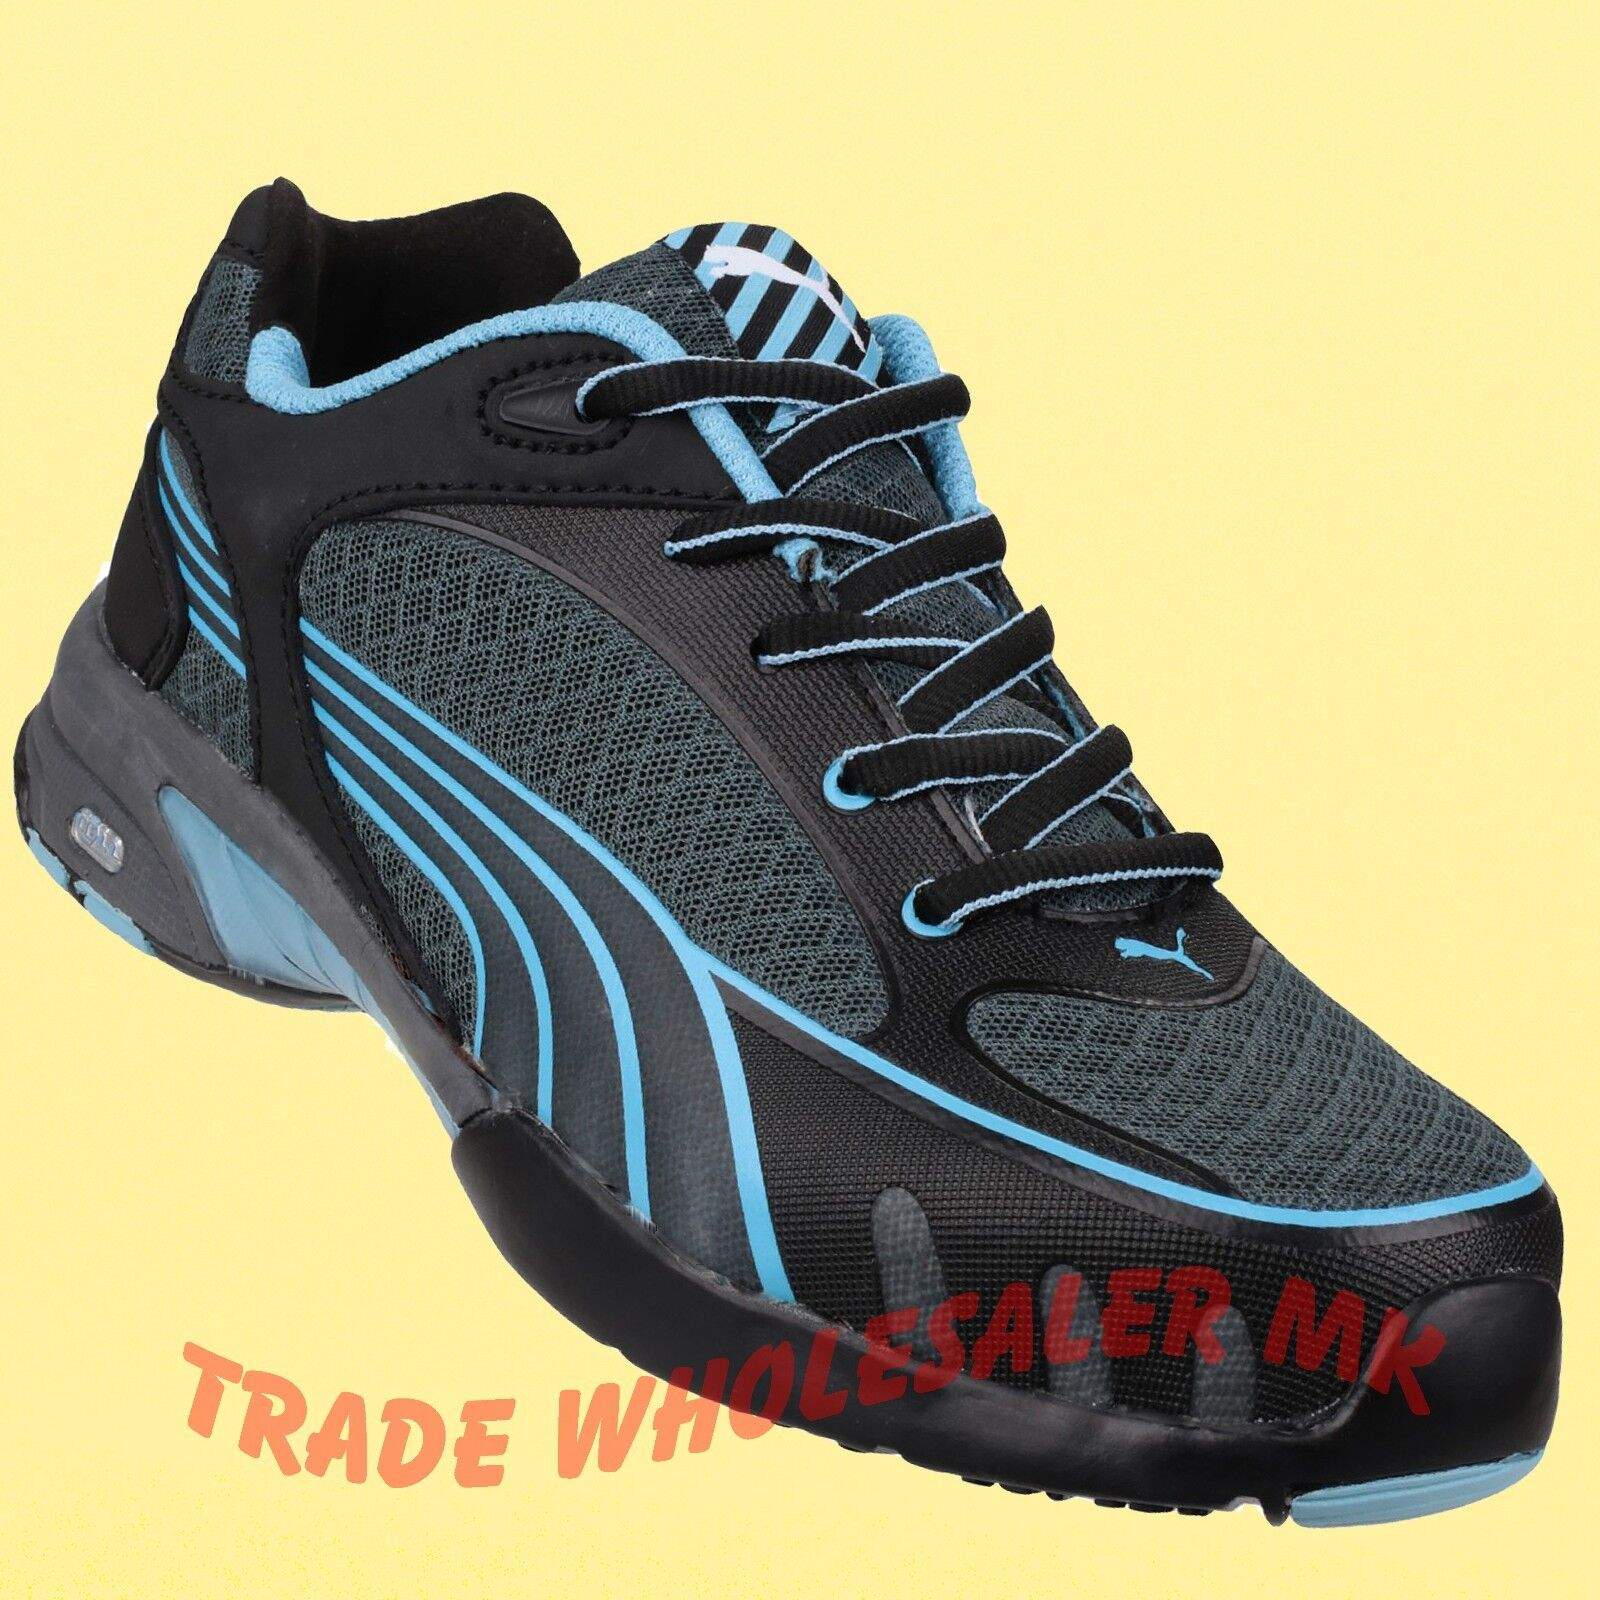 Zapatos casuales salvajes Puma Fuse Motion industrial Damas AQUA S1 HRO Puntera De Seguridad tenis